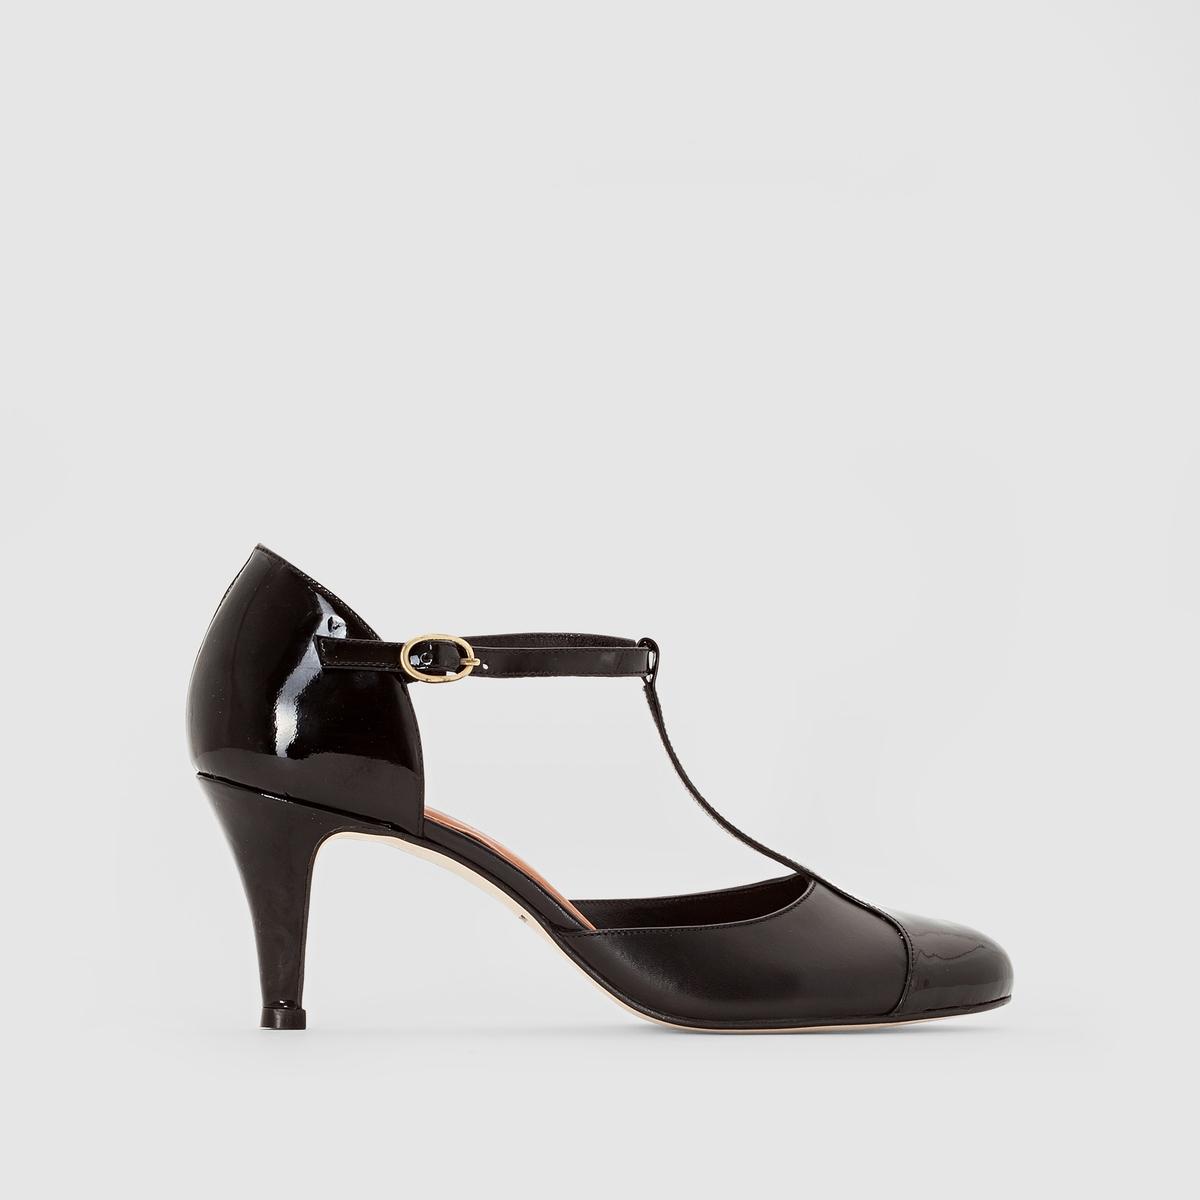 Туфли кожаные лакированные на каблуке 10714Подкладка : Кожа   Стелька: Кожа   Подошва: эластомер   Высота каблука: 8 смФорма каблука : Тонкий каблук   Носок : ЗакругленныйЗастежка: Ремешок/пряжка<br><br>Цвет: Черный лак<br>Размер: 40